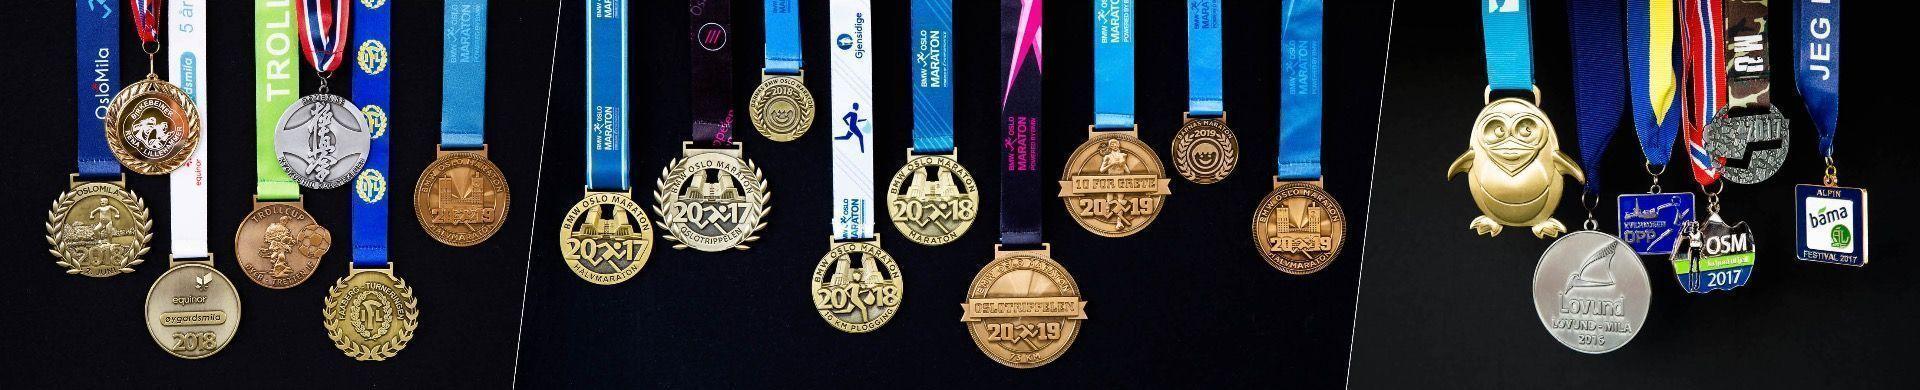 Spesialdesign av medaljer